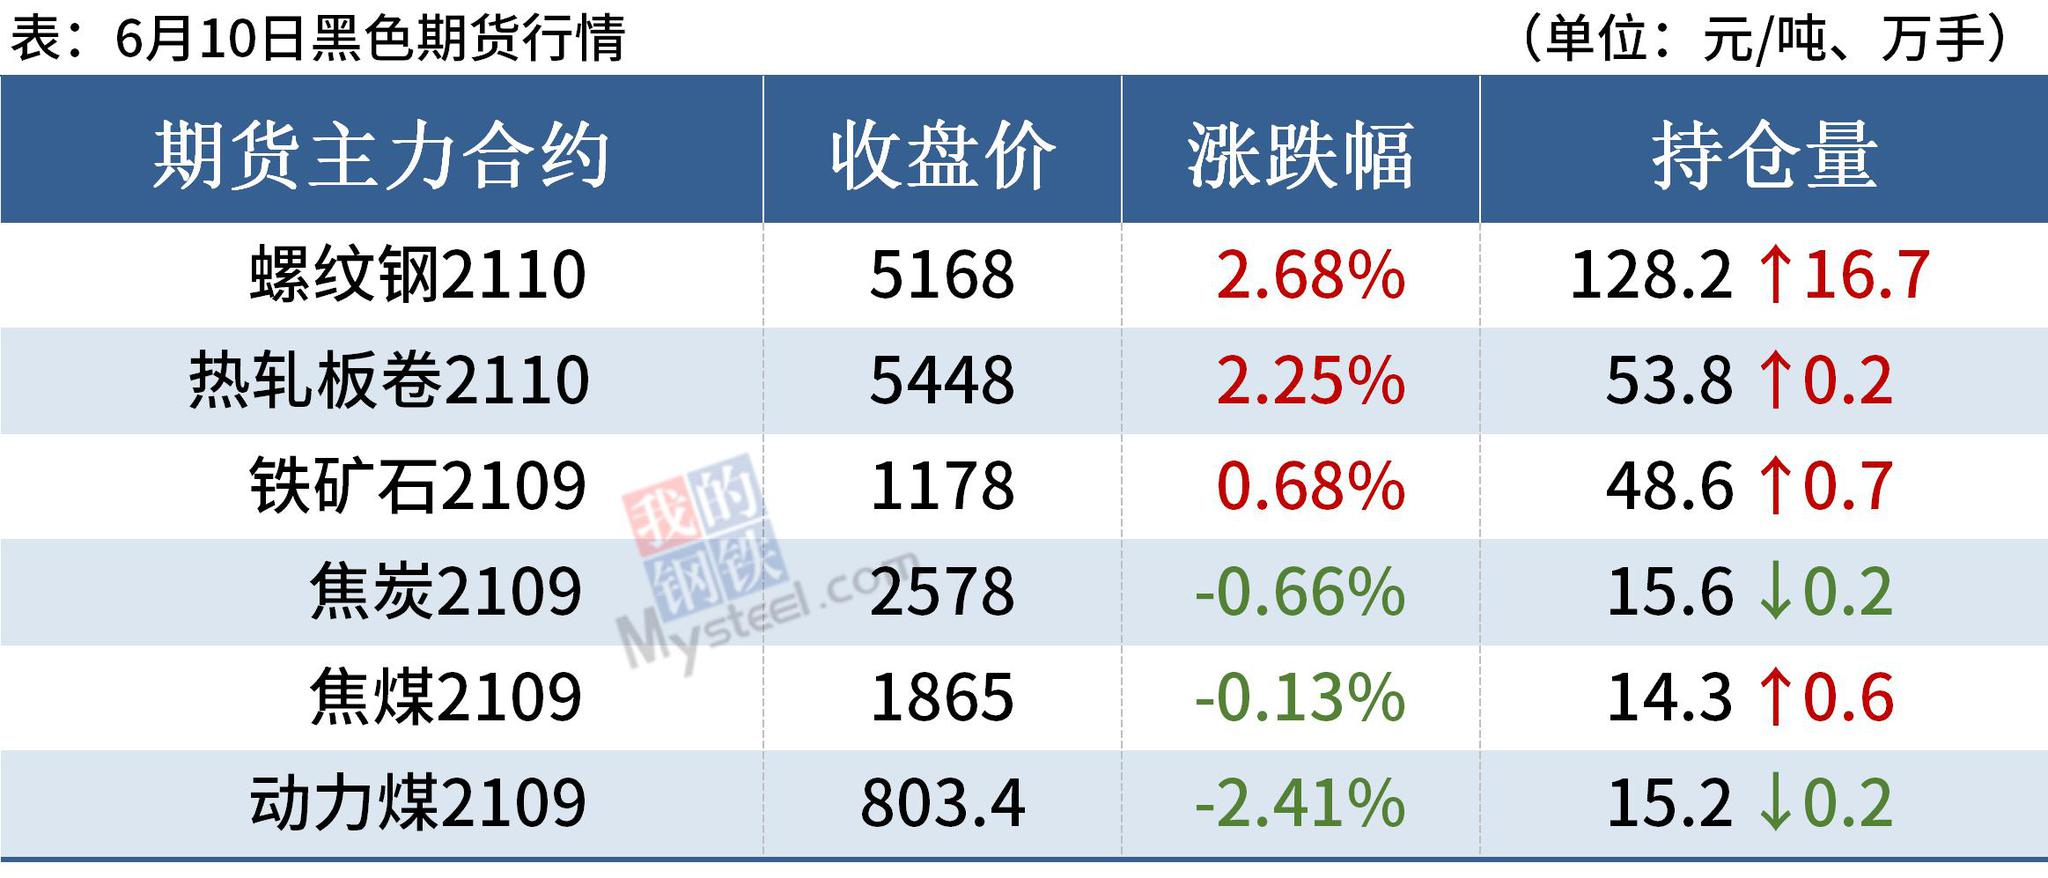 钢价普遍上涨,厂库止降回升,涨势或难持续